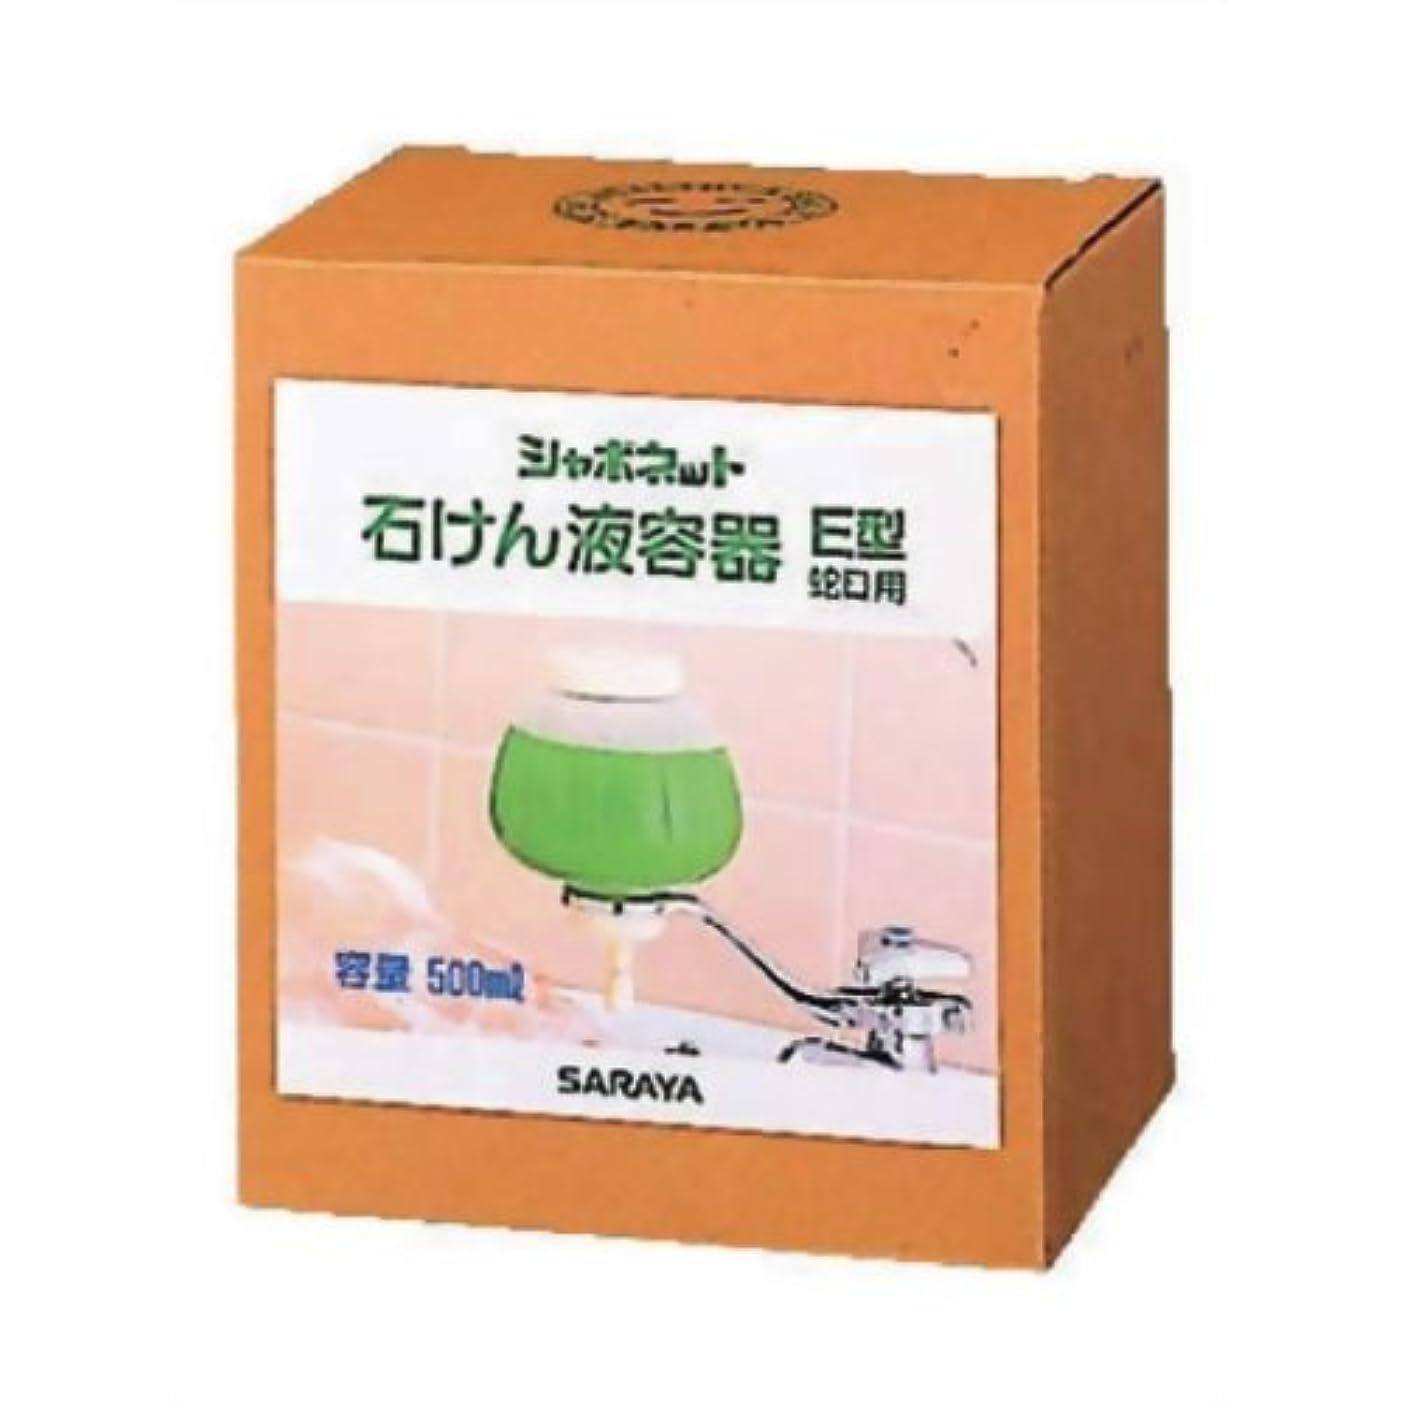 符号溶かす方程式シャボネット石鹸液容器 500mLE型蛇口用 21450/63828559 サラヤ